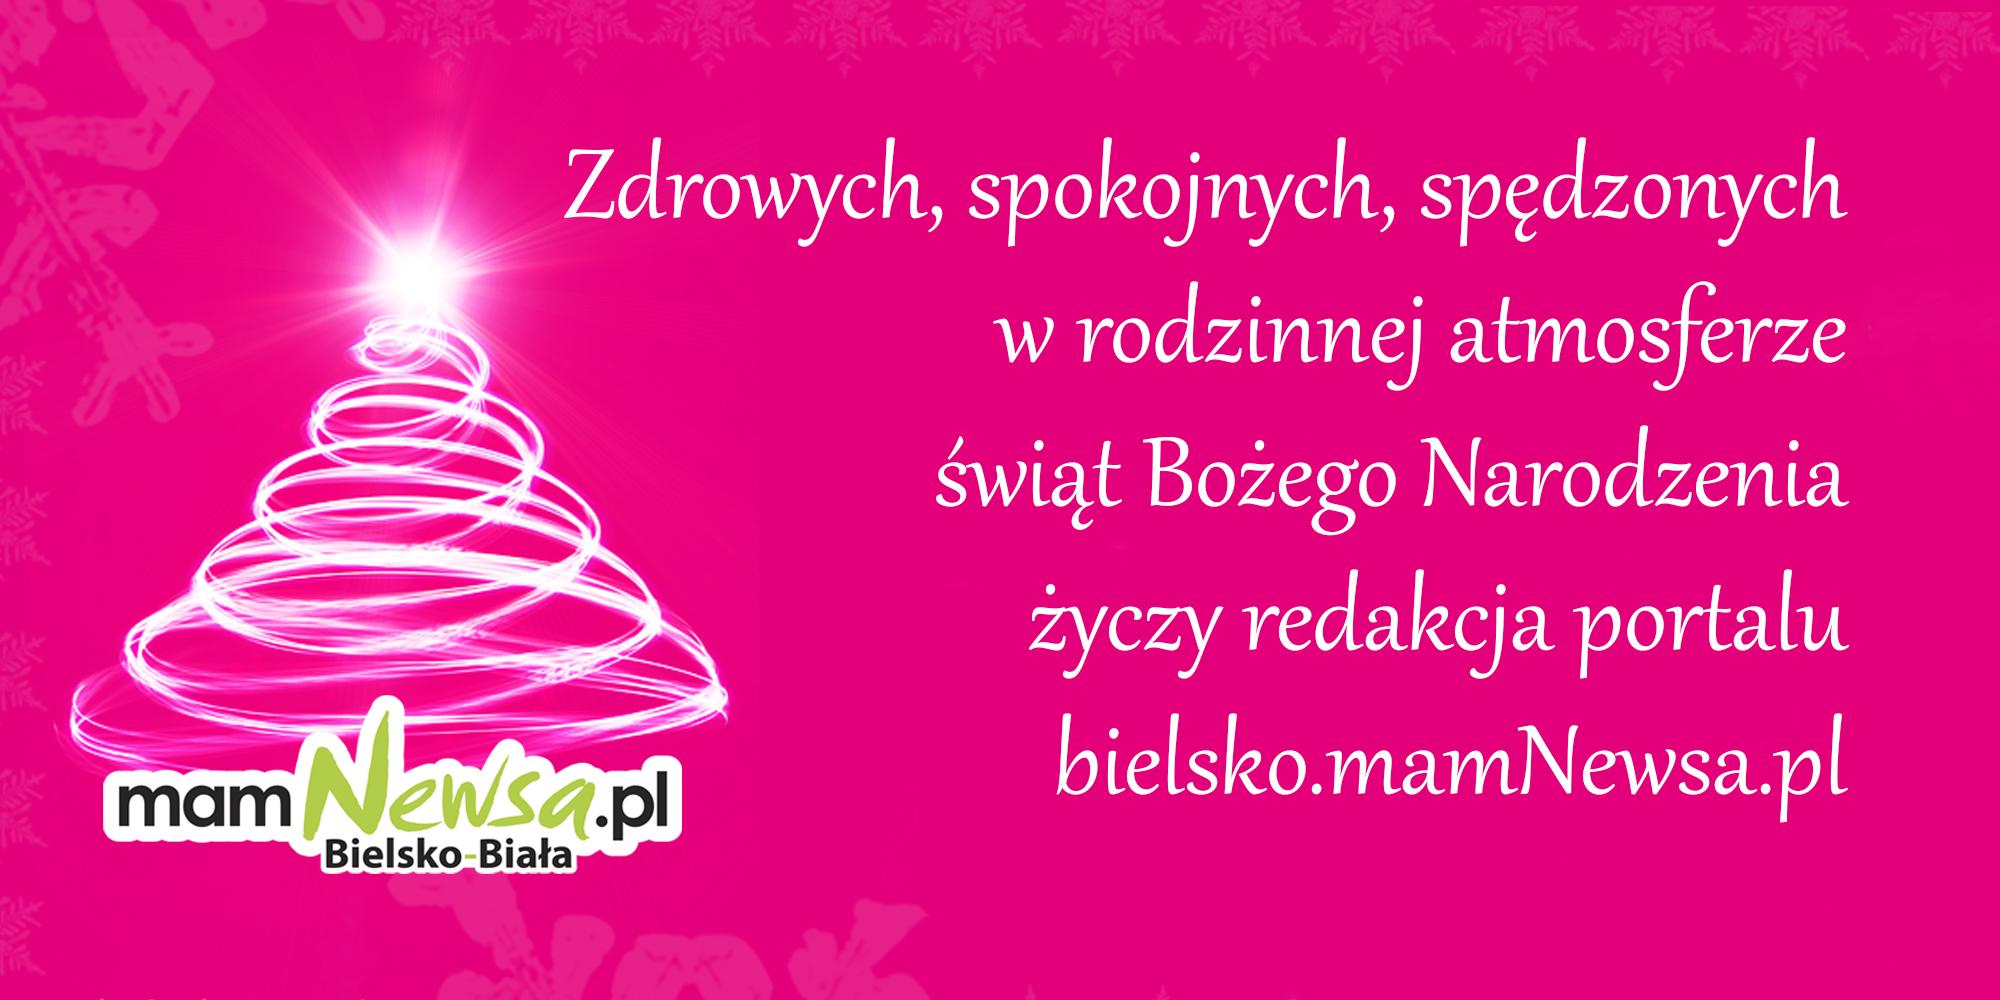 Wesołych Świąt życzy portal bielsko.mamNewsa.pl!